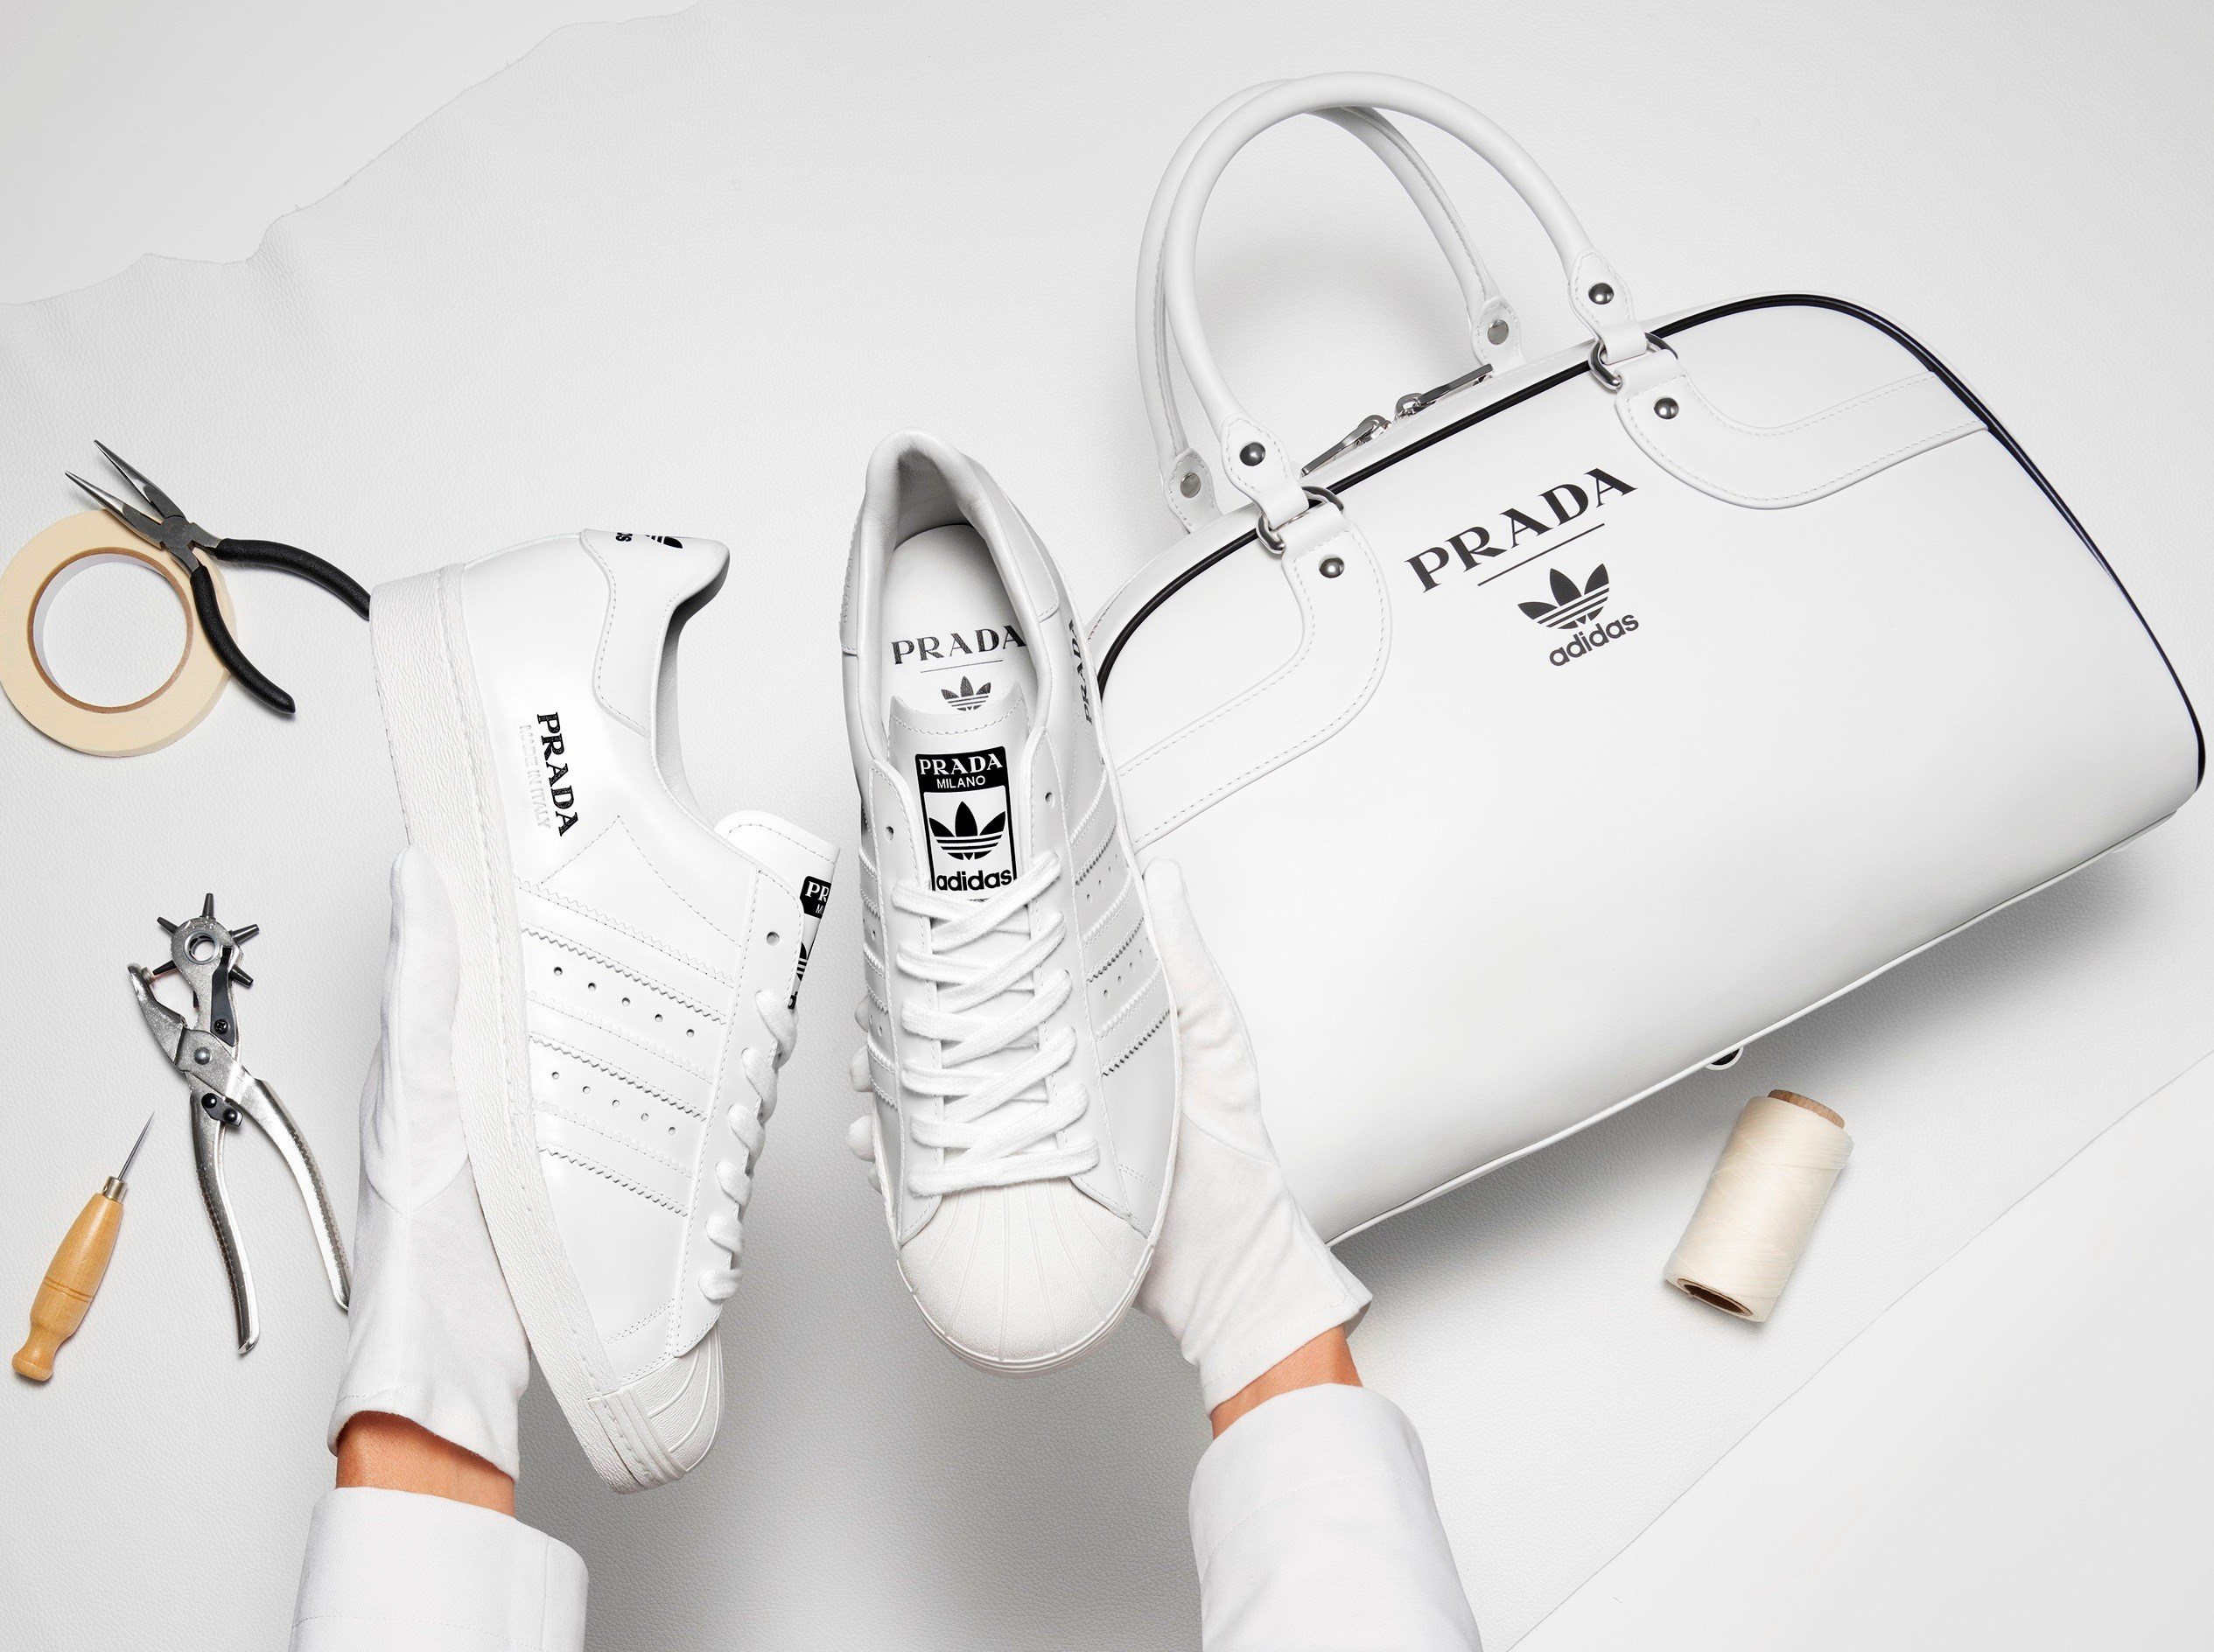 Adidas lancia una collezione in edizione limitata ispirata a